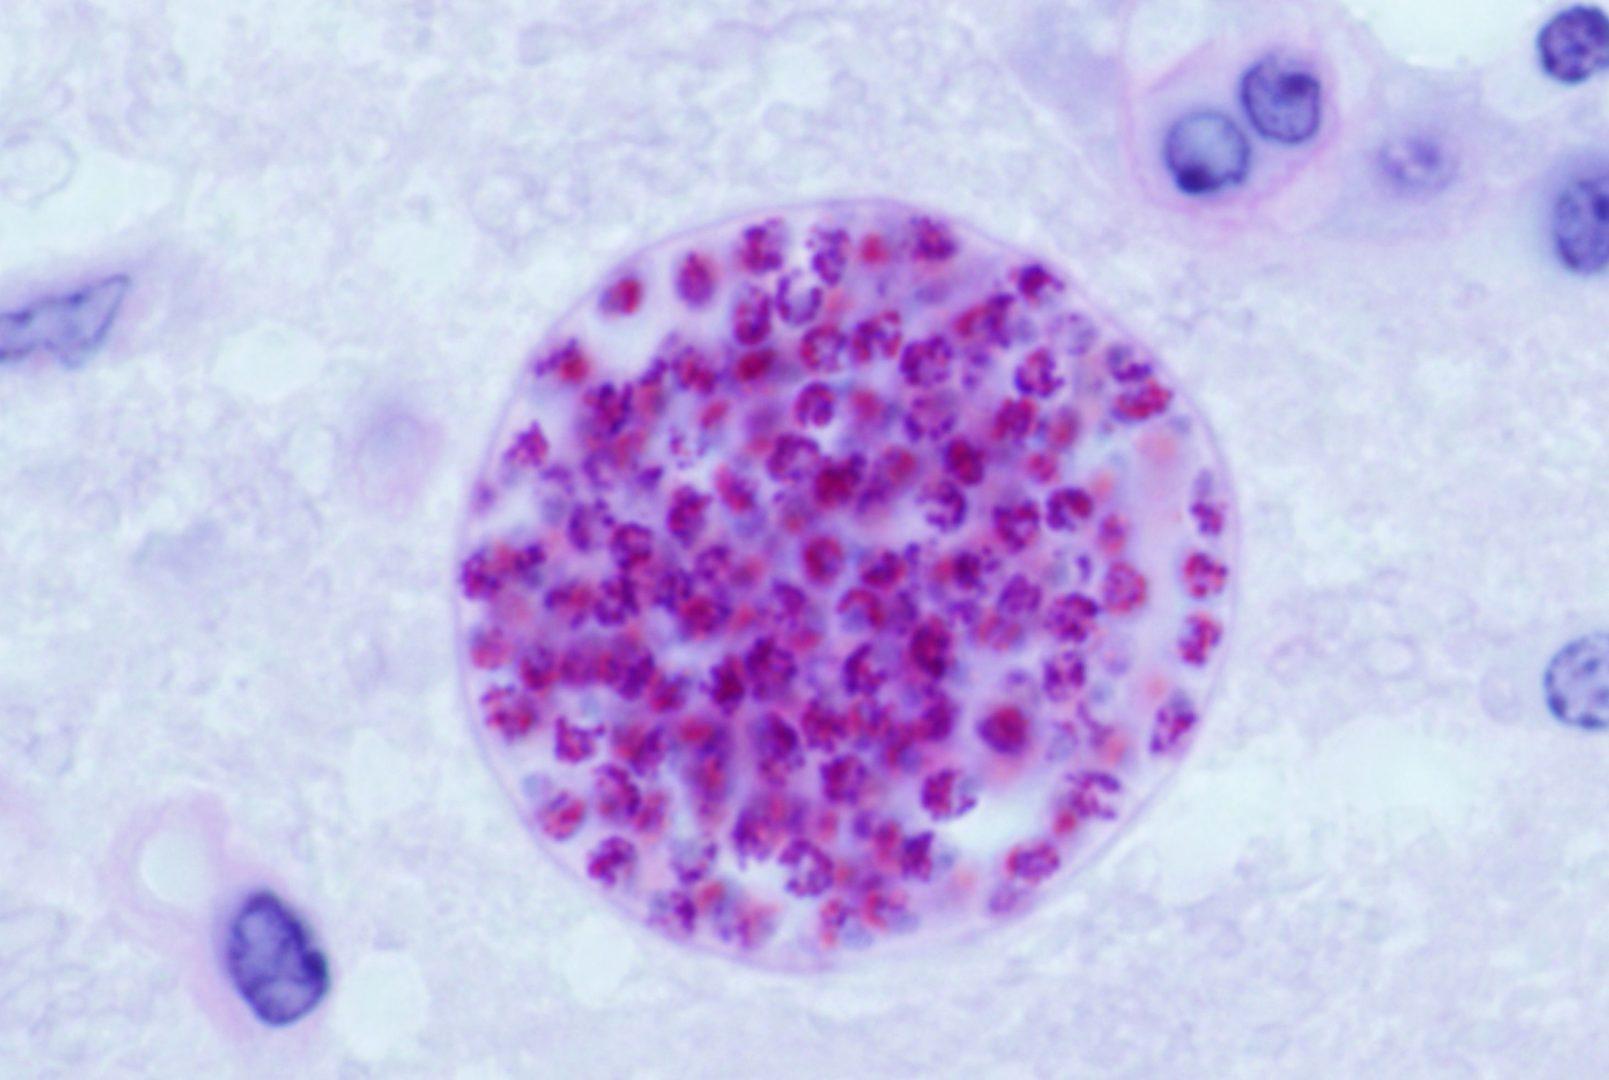 Toxoplasma_gondii - Macskaürülékből rák ellenszer